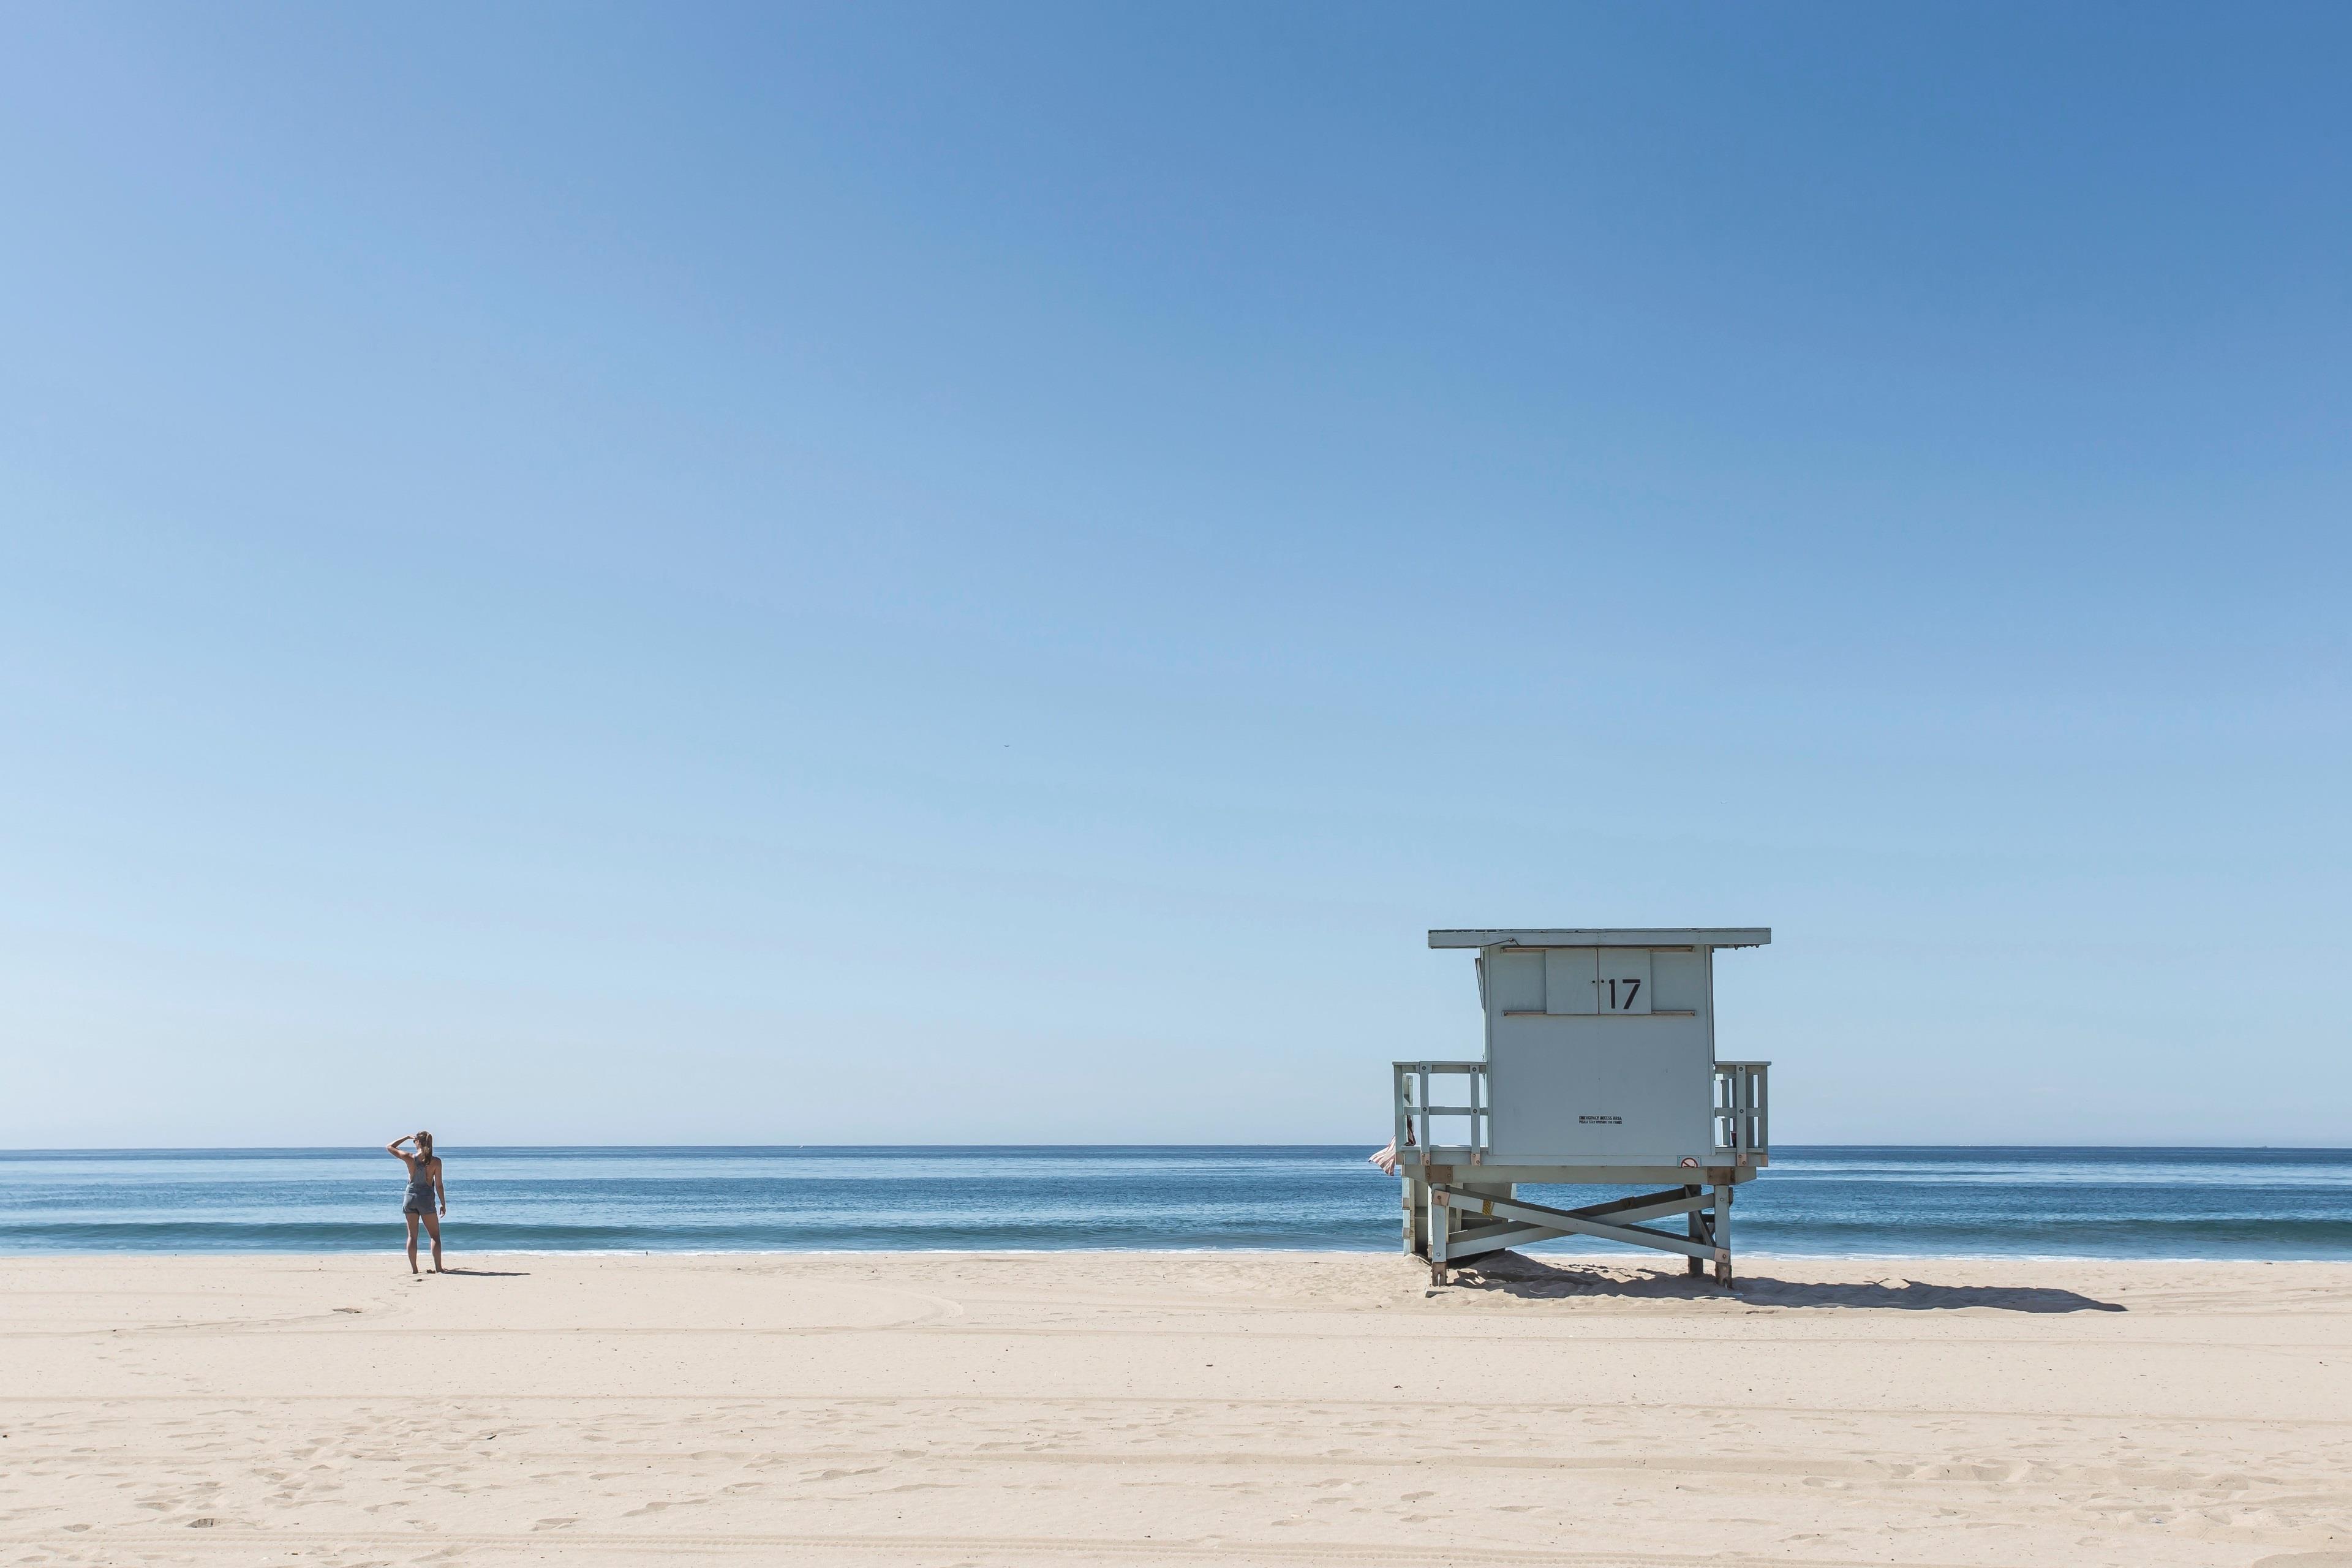 Una spiaggia - Sfondi per PC, iPhone, Android e profilo WhatsApp da scaricare